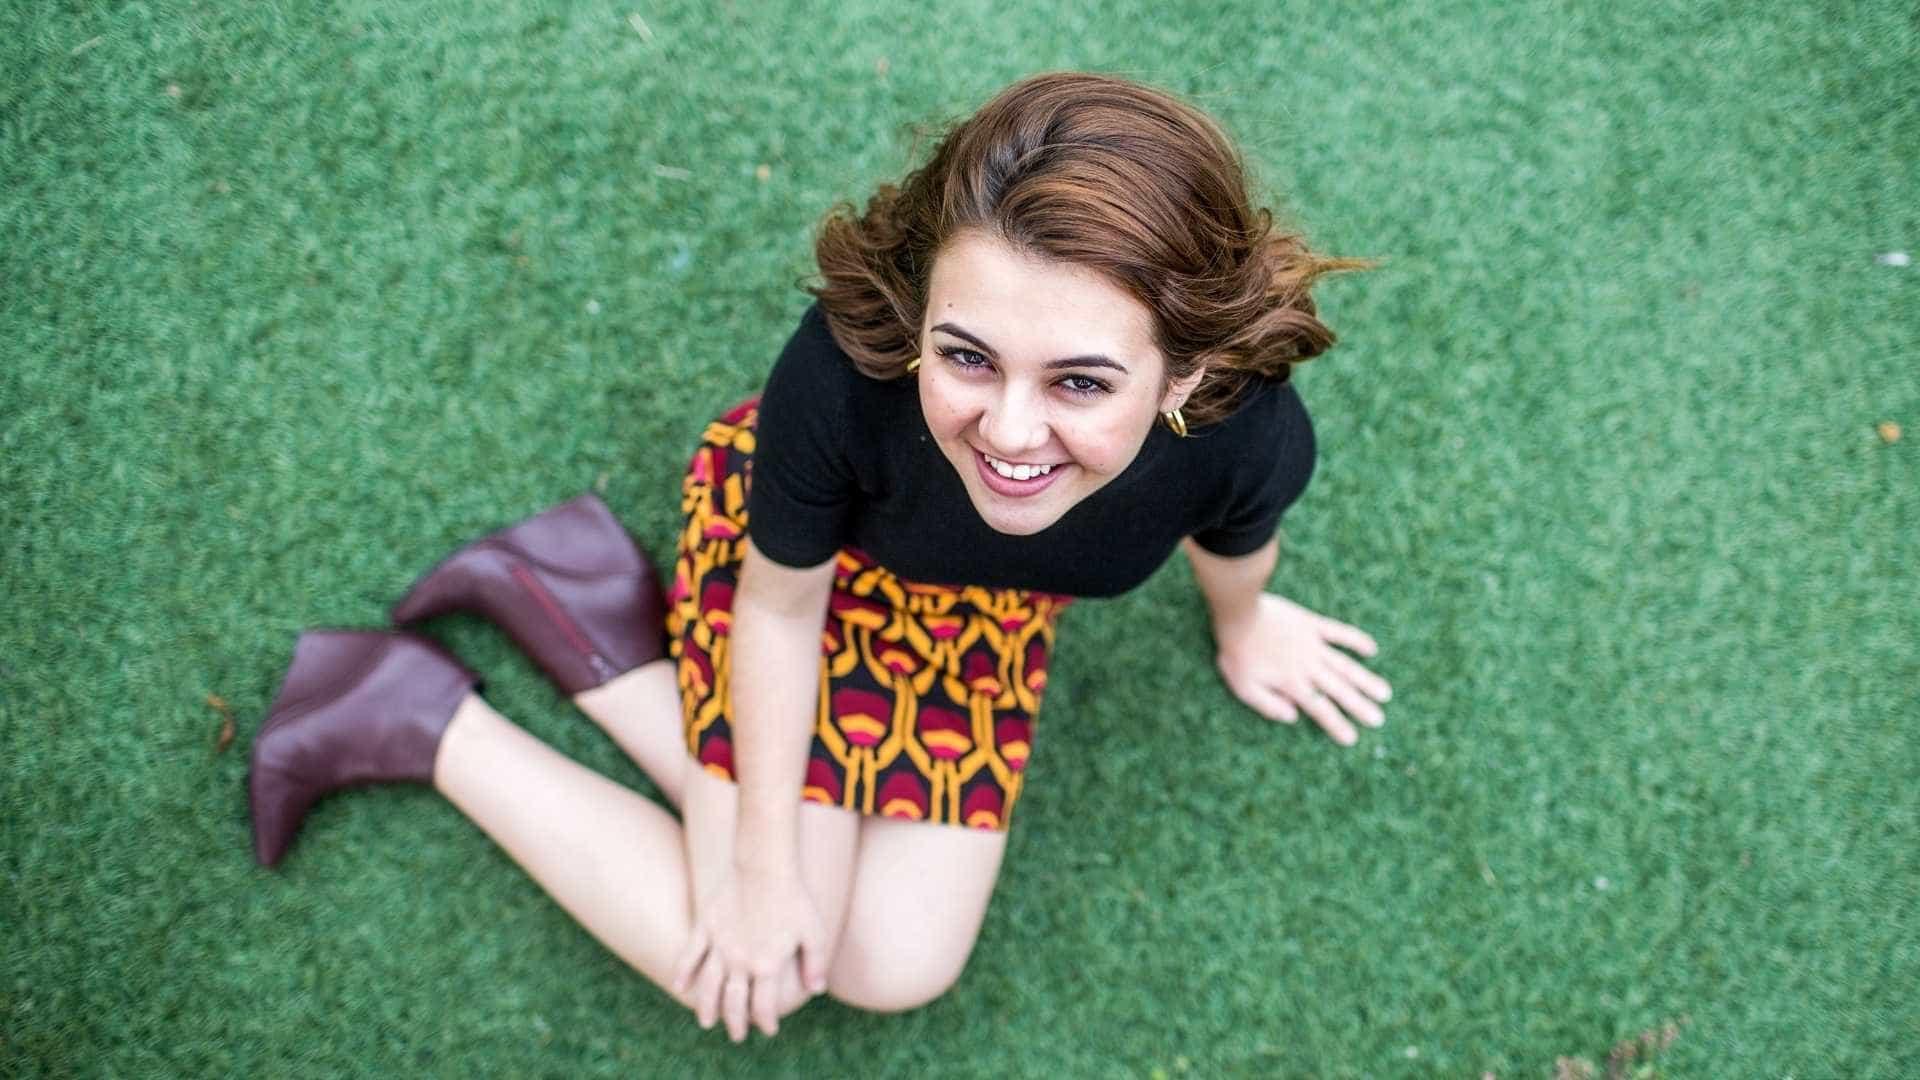 Klara Castanho deixa de seguir pessoa por tentar se parecer com ela